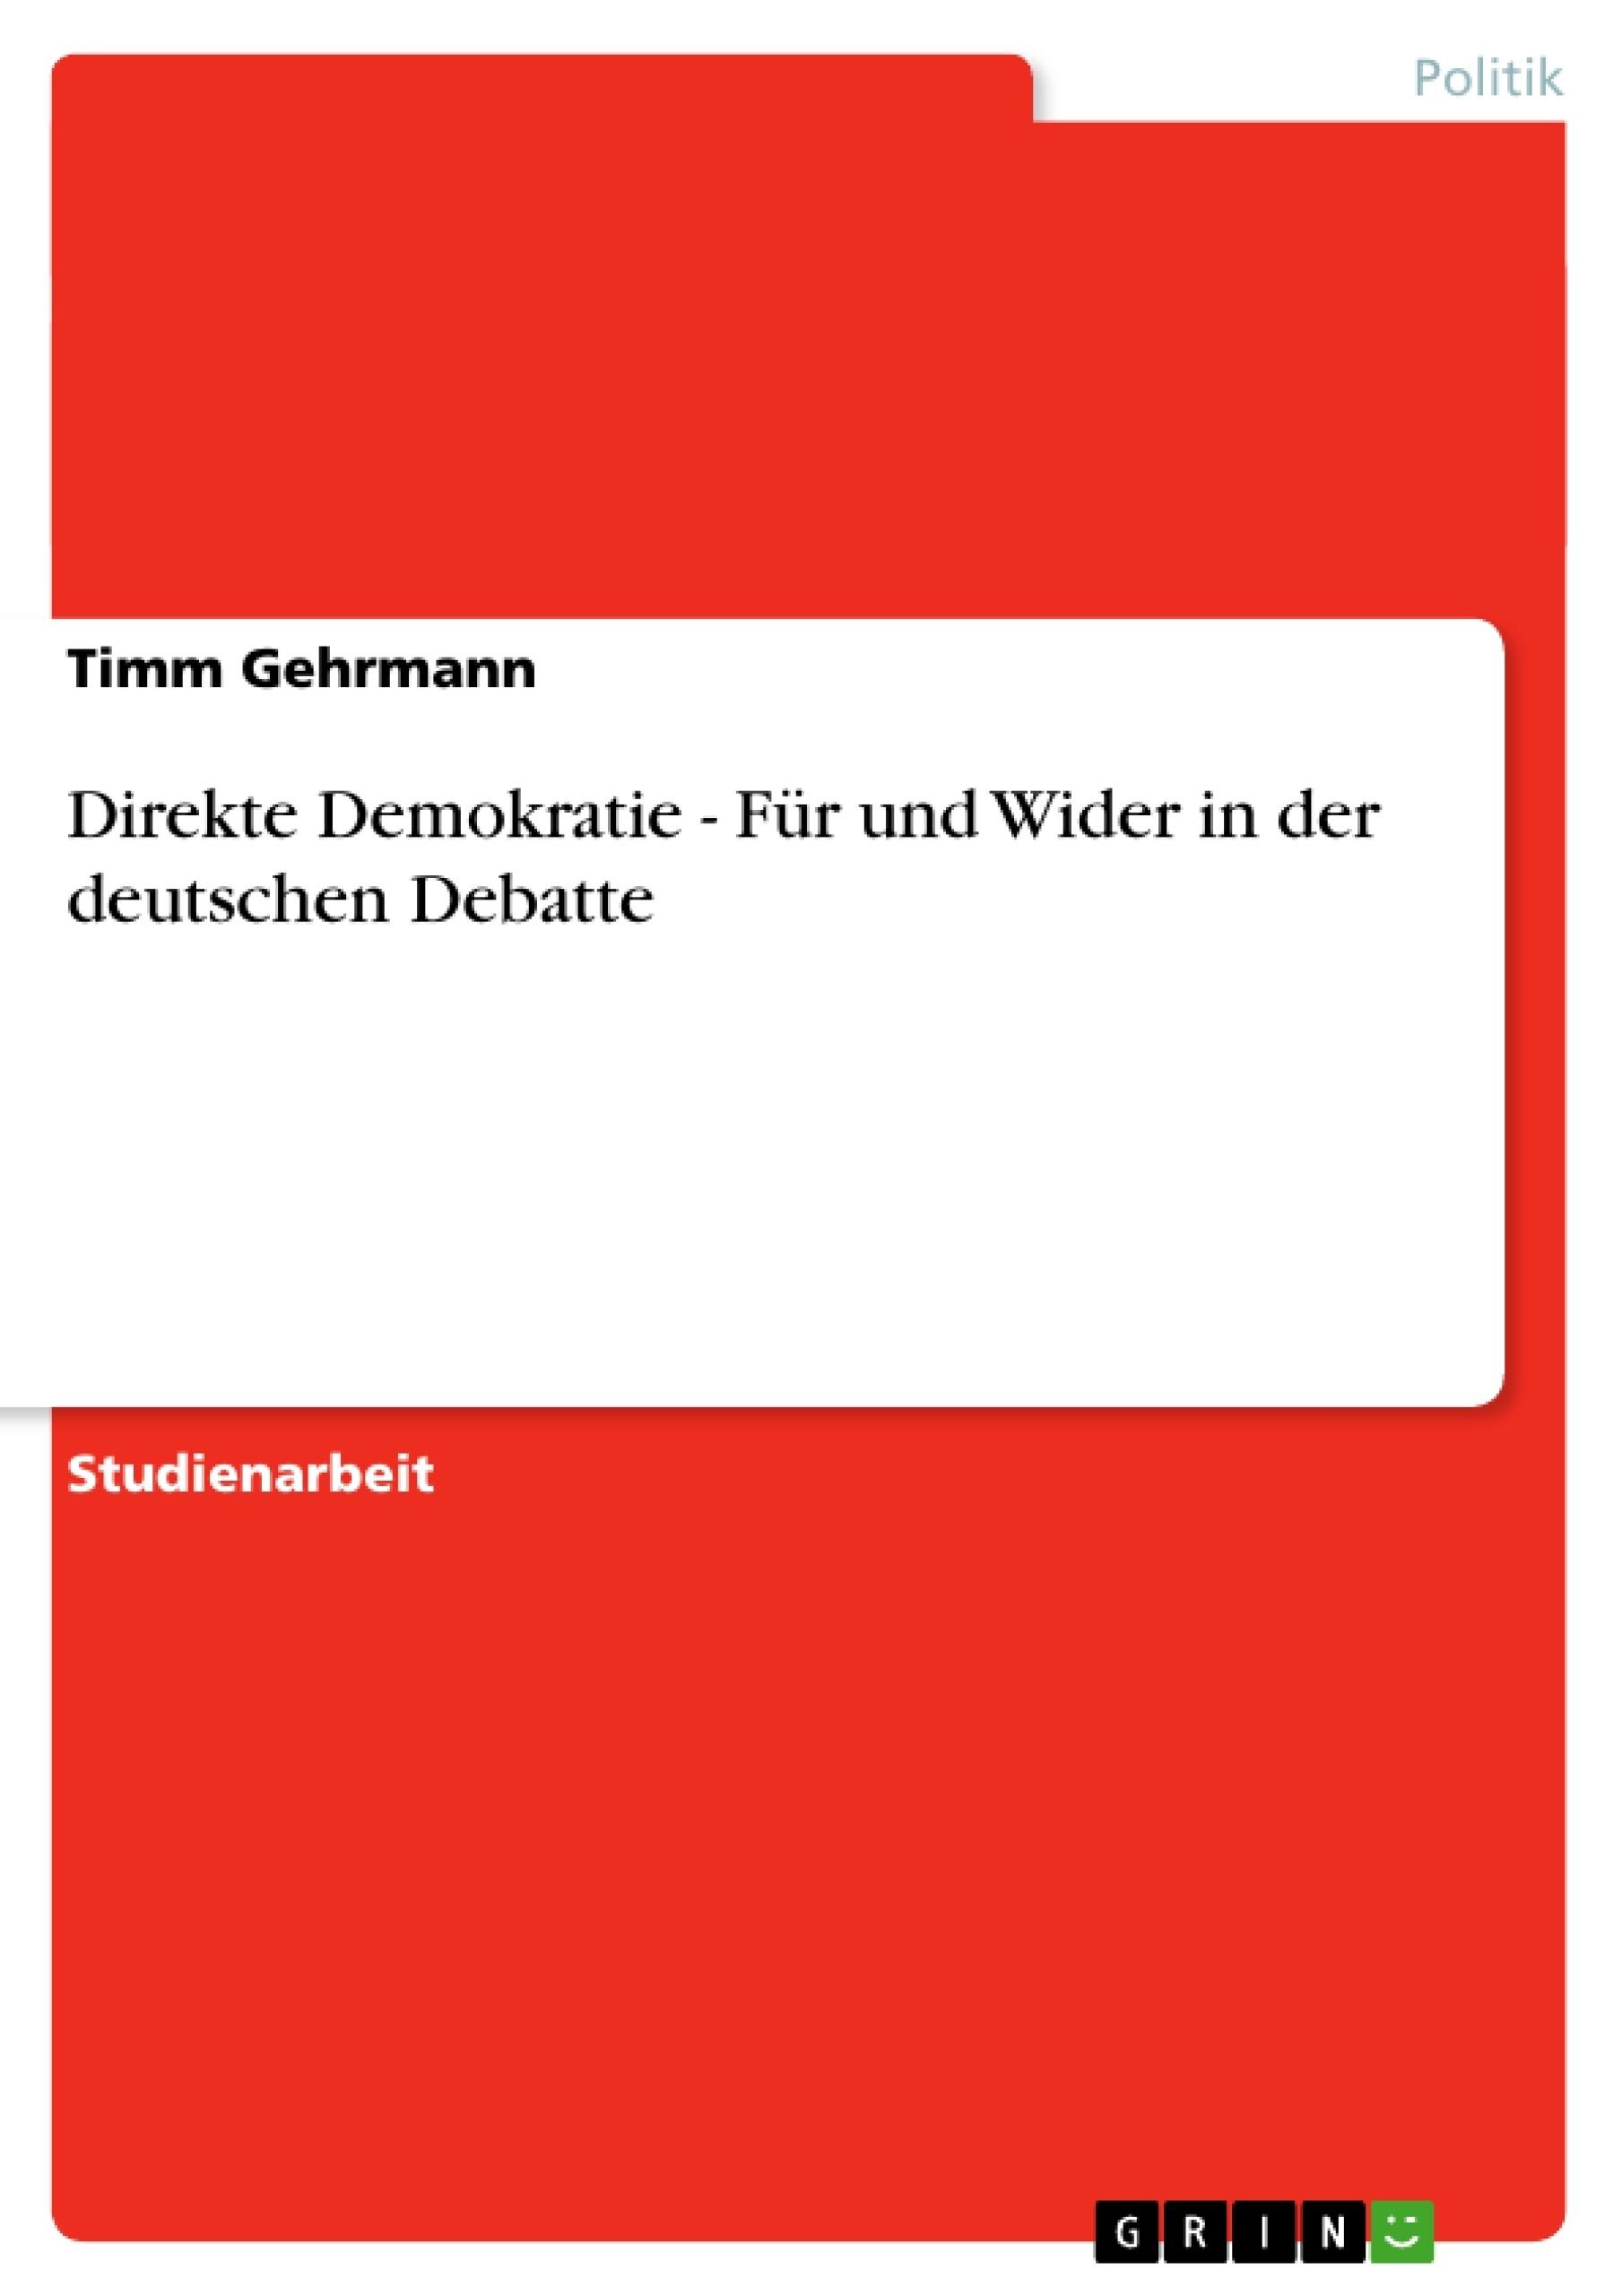 Titel: Direkte Demokratie - Für und Wider in der deutschen Debatte